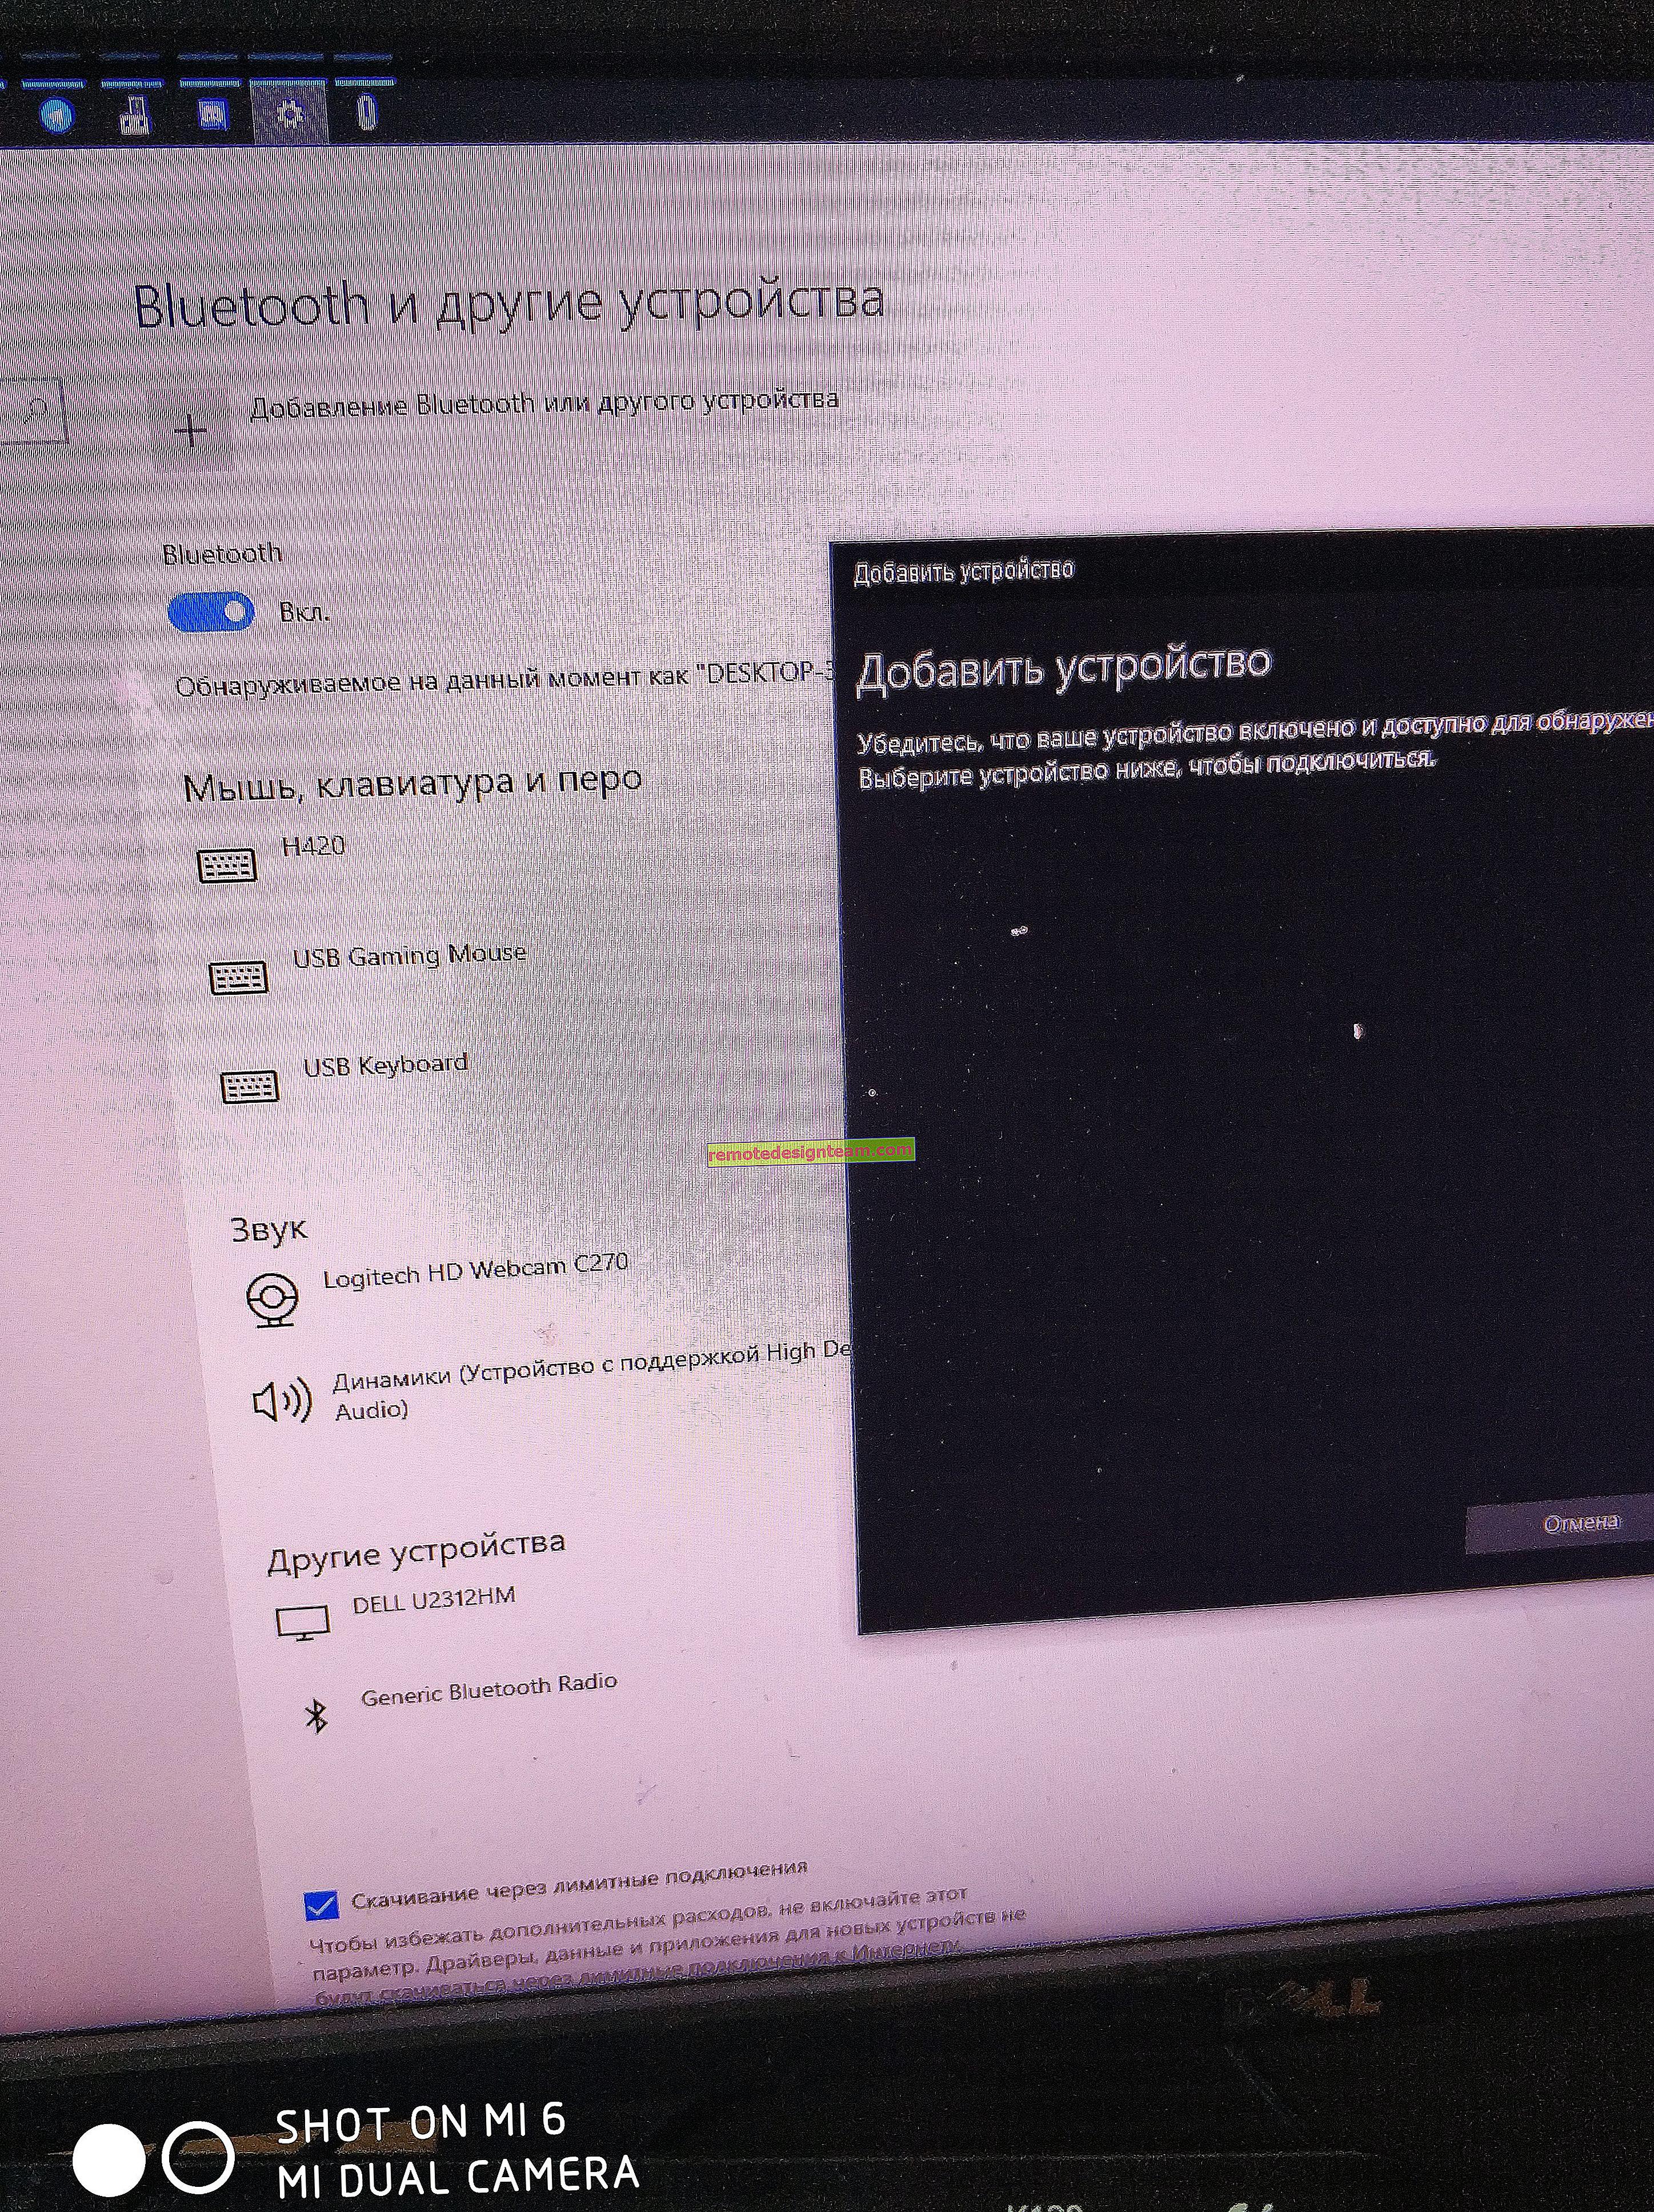 Налаштування Bluetooth на комп'ютері (ПК). Підключення Bluetooth адаптера і установка драйвера